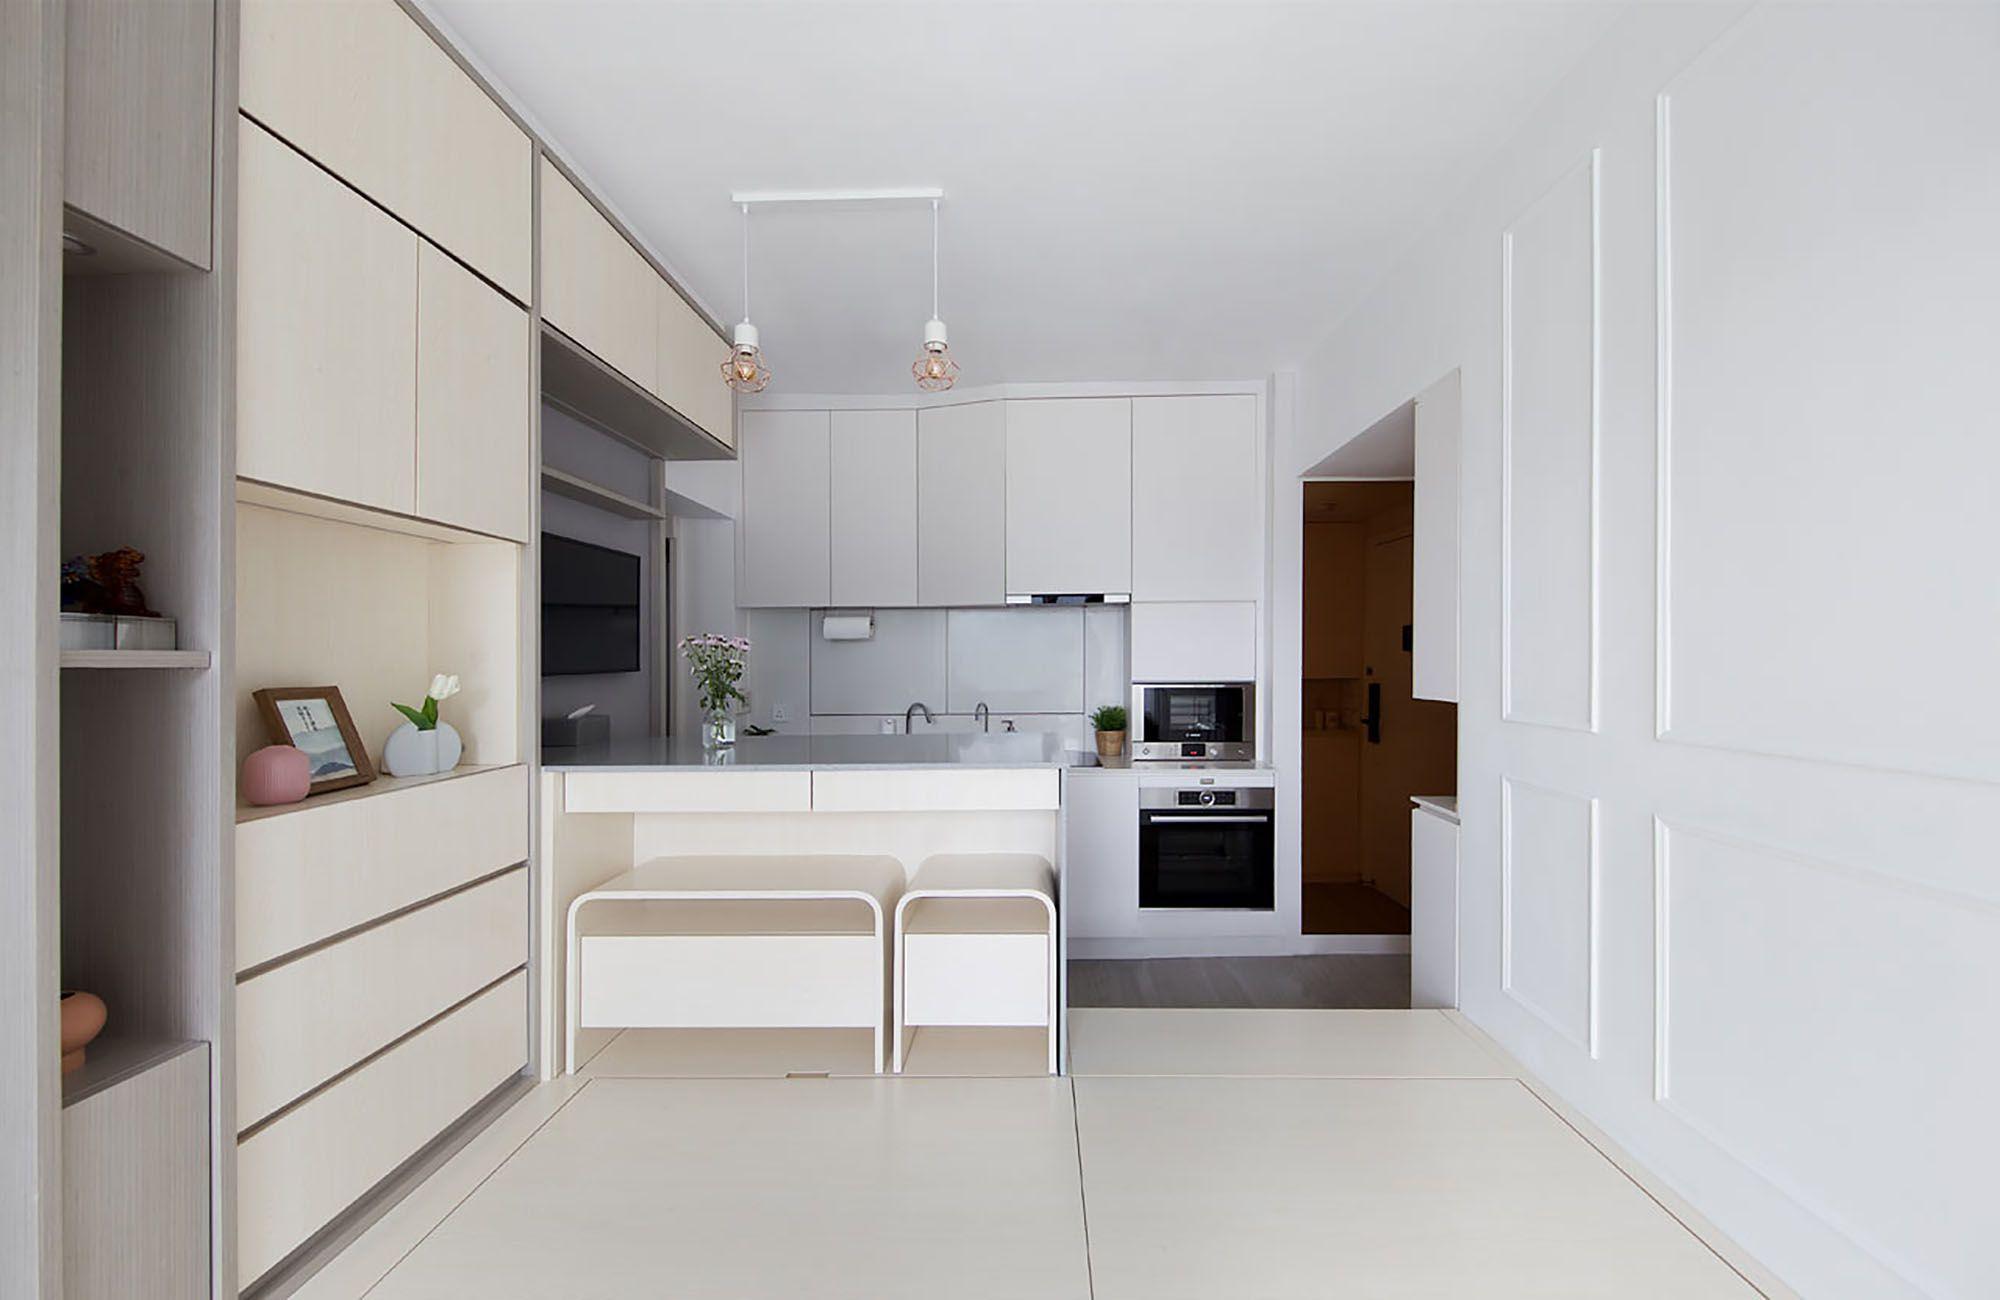 Smart Zendo micro-apartment by Sim-Plex Design Studio kitchen